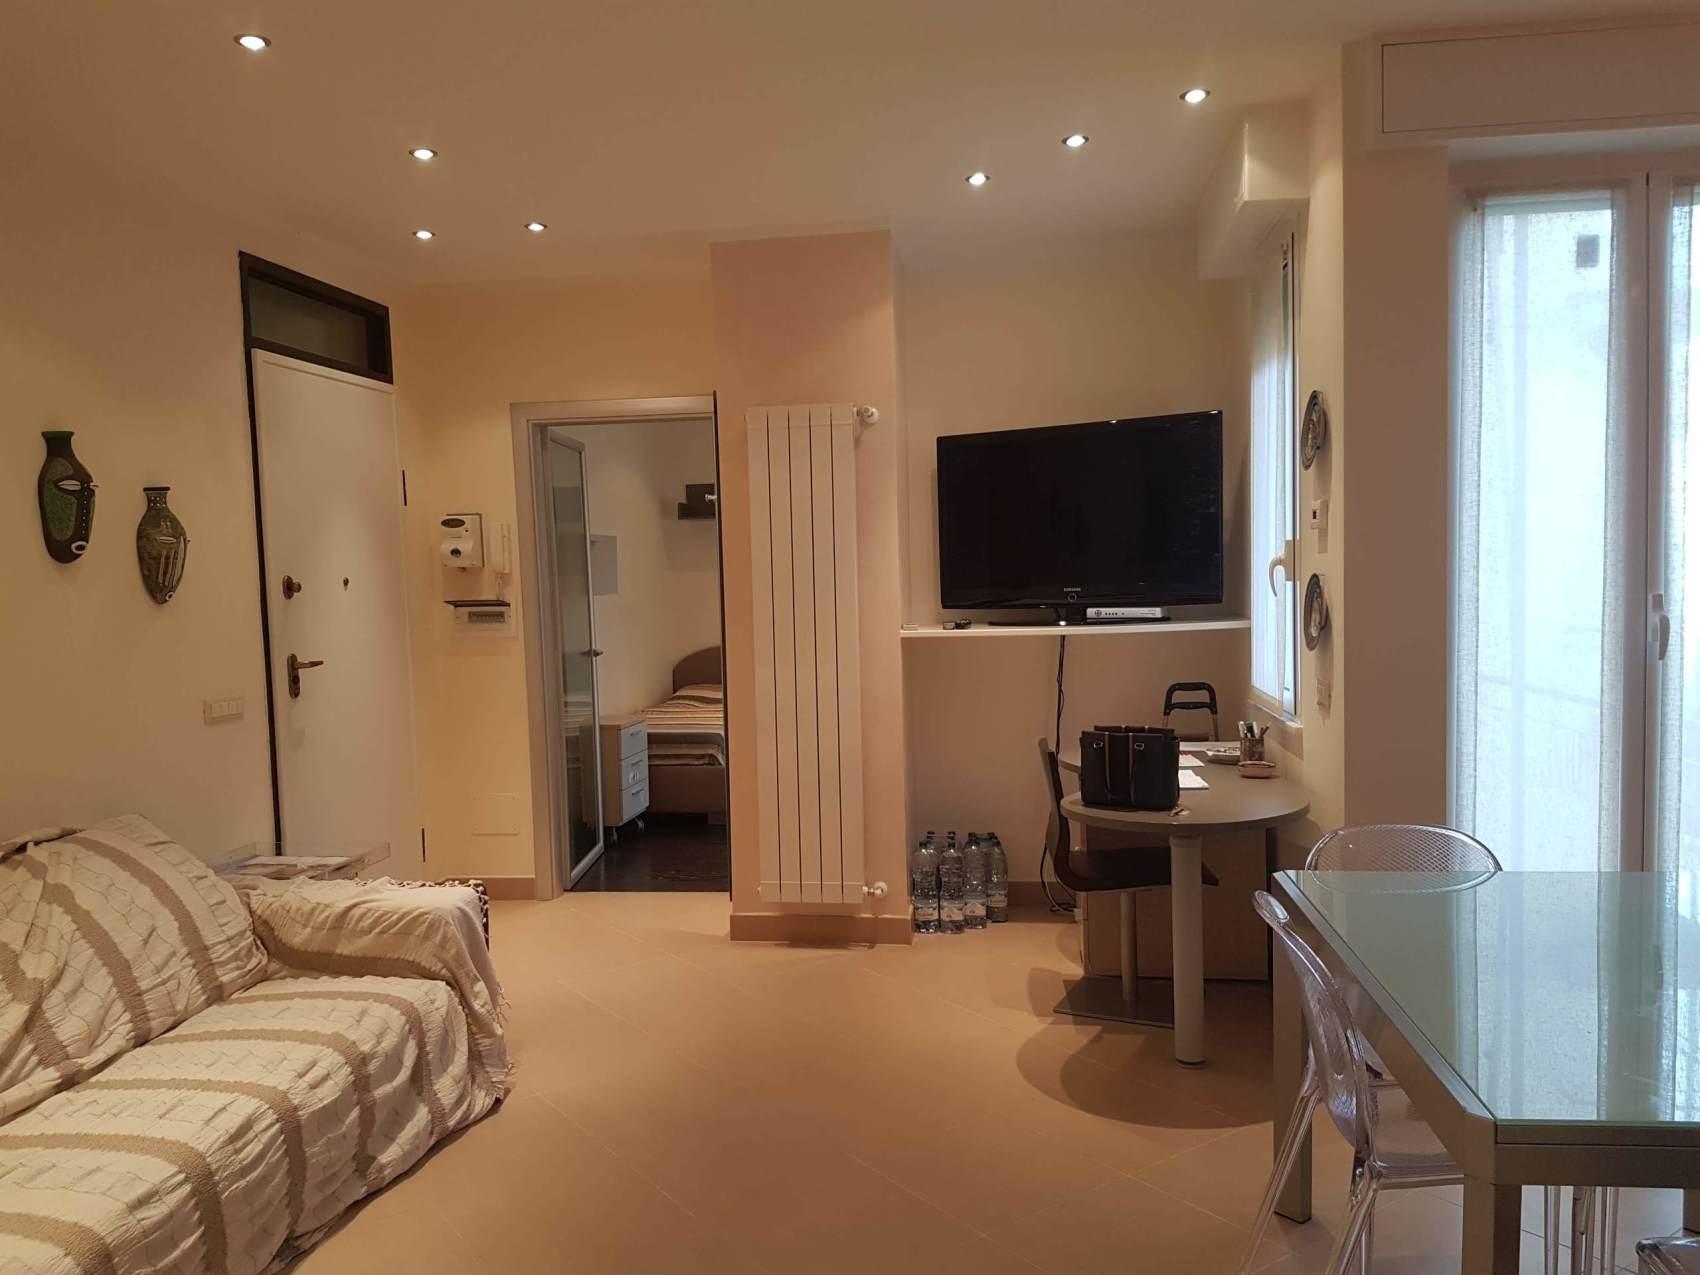 Appartamento trilocale zona ponente Cod. Citra: 009001-LT-0533